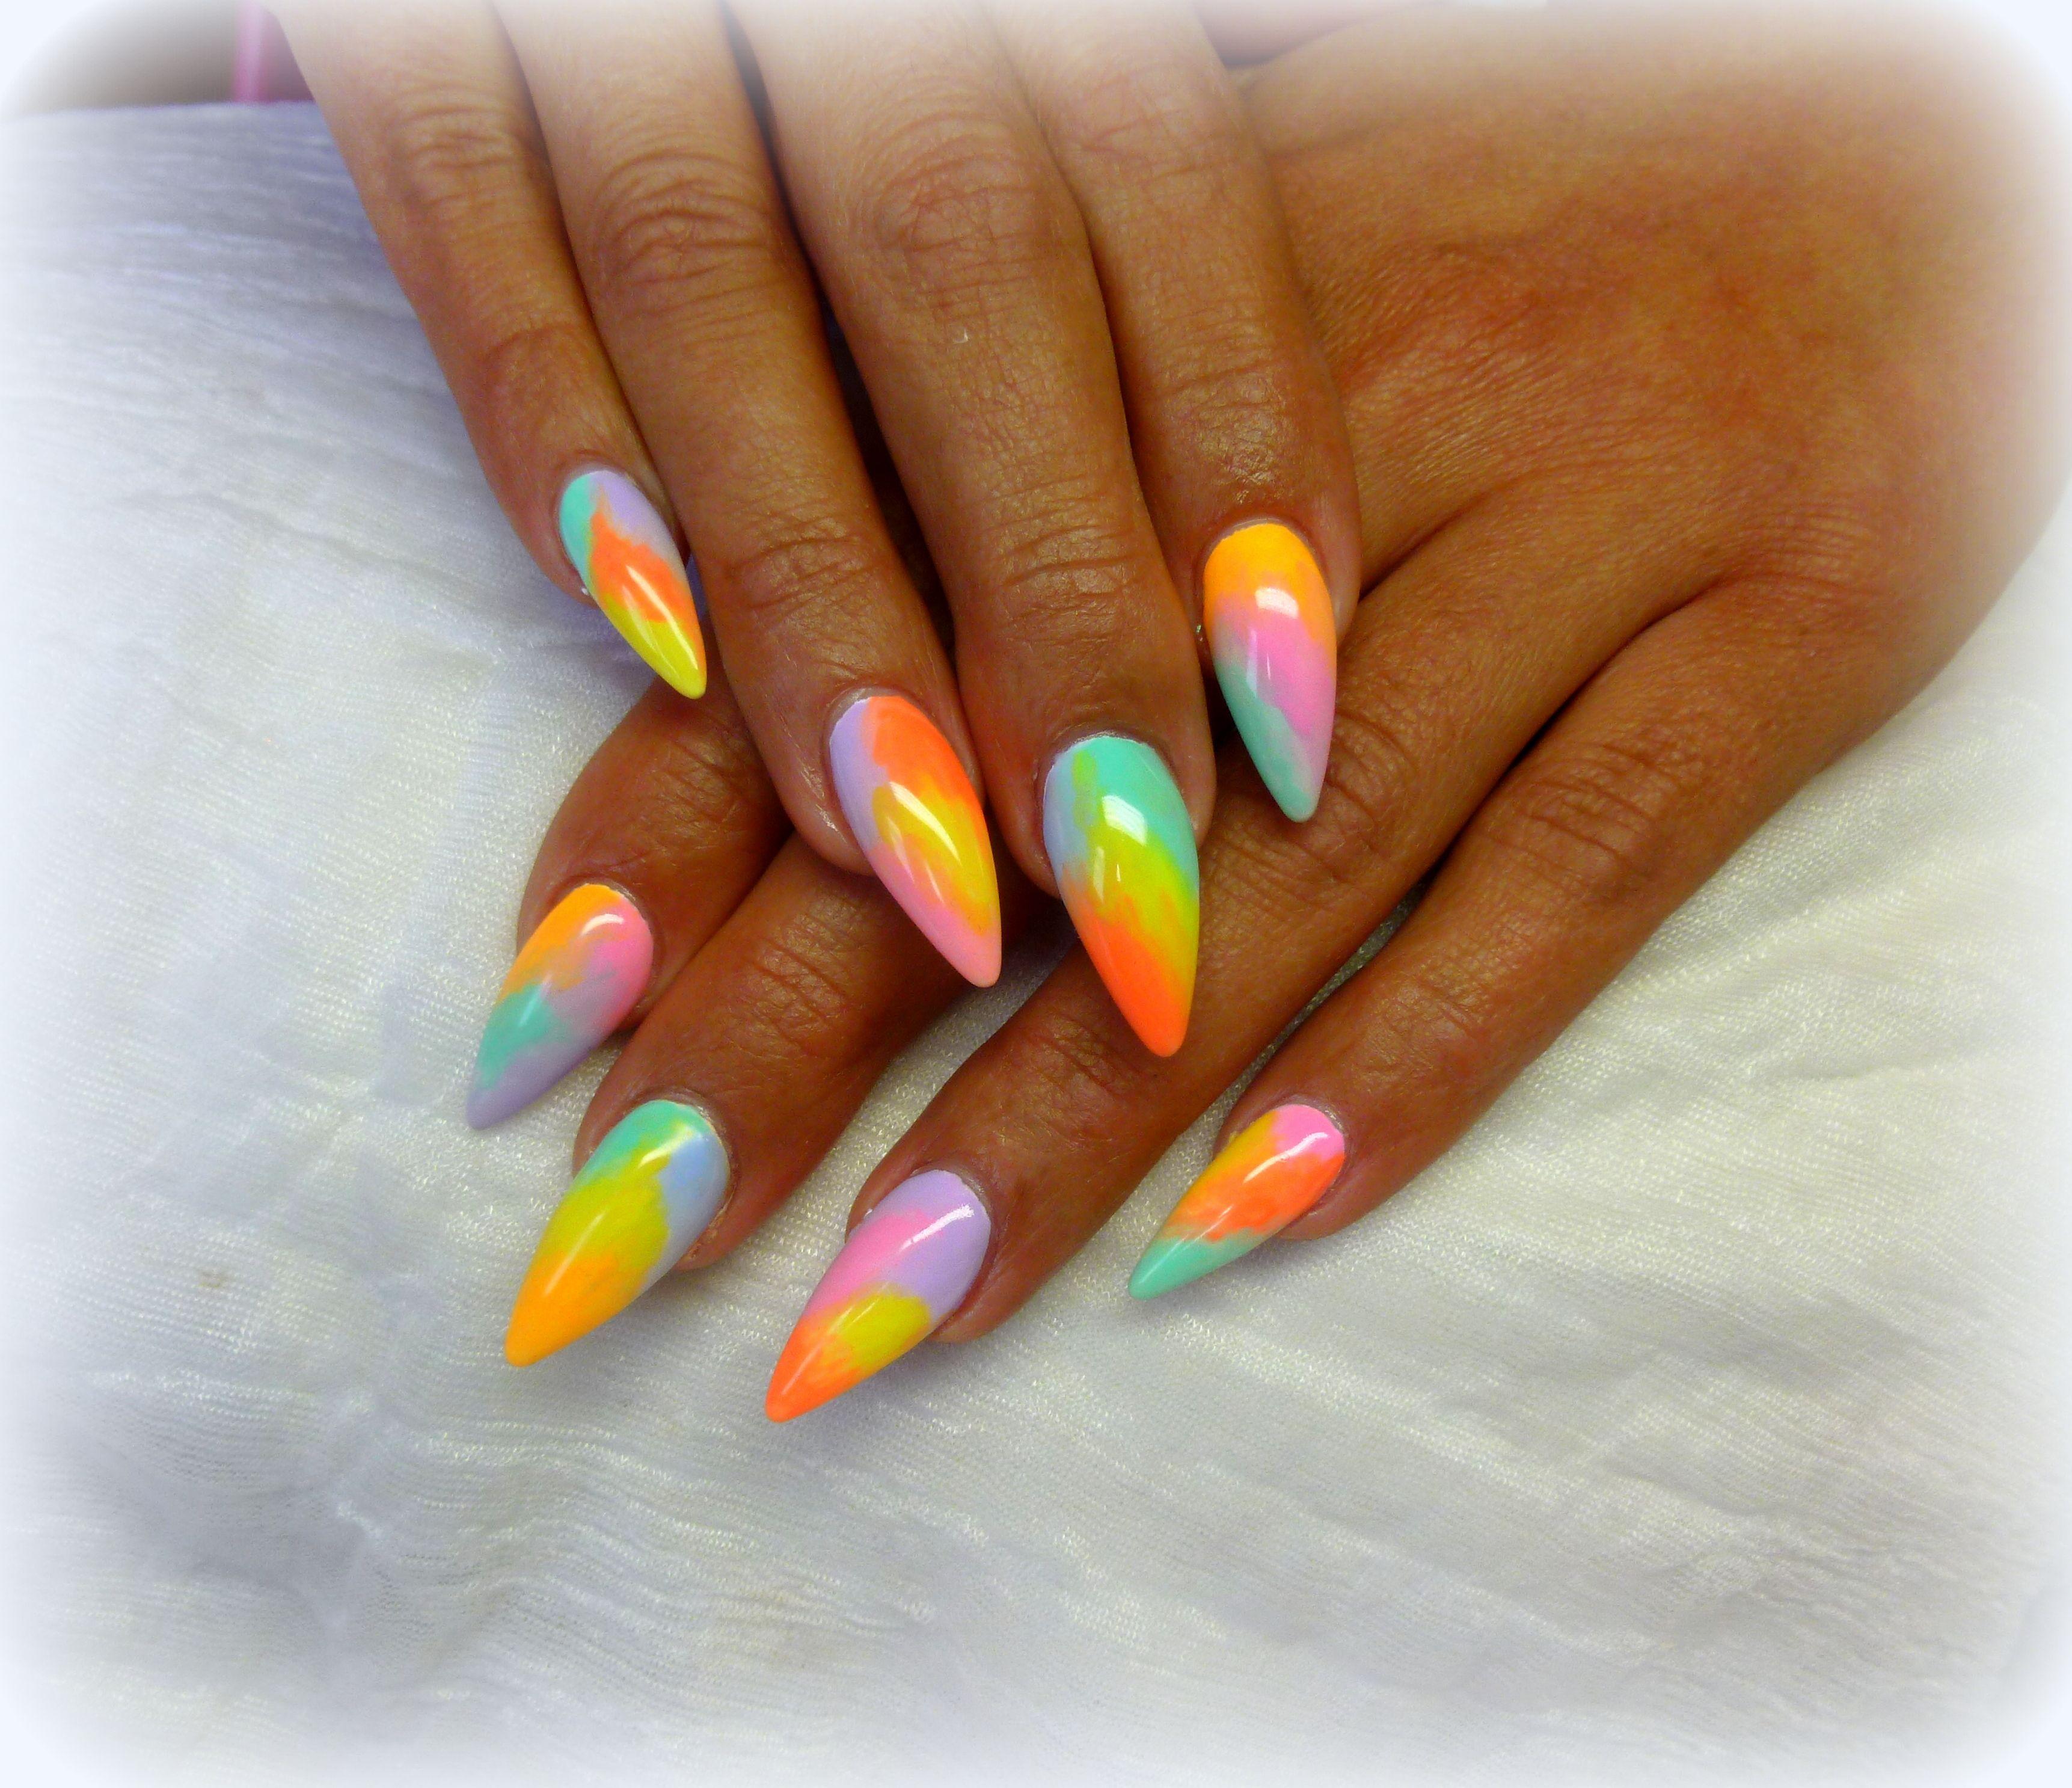 Stiletto Nails Napady Na Nechty Nechtovy Dizajn Gelove Nechty